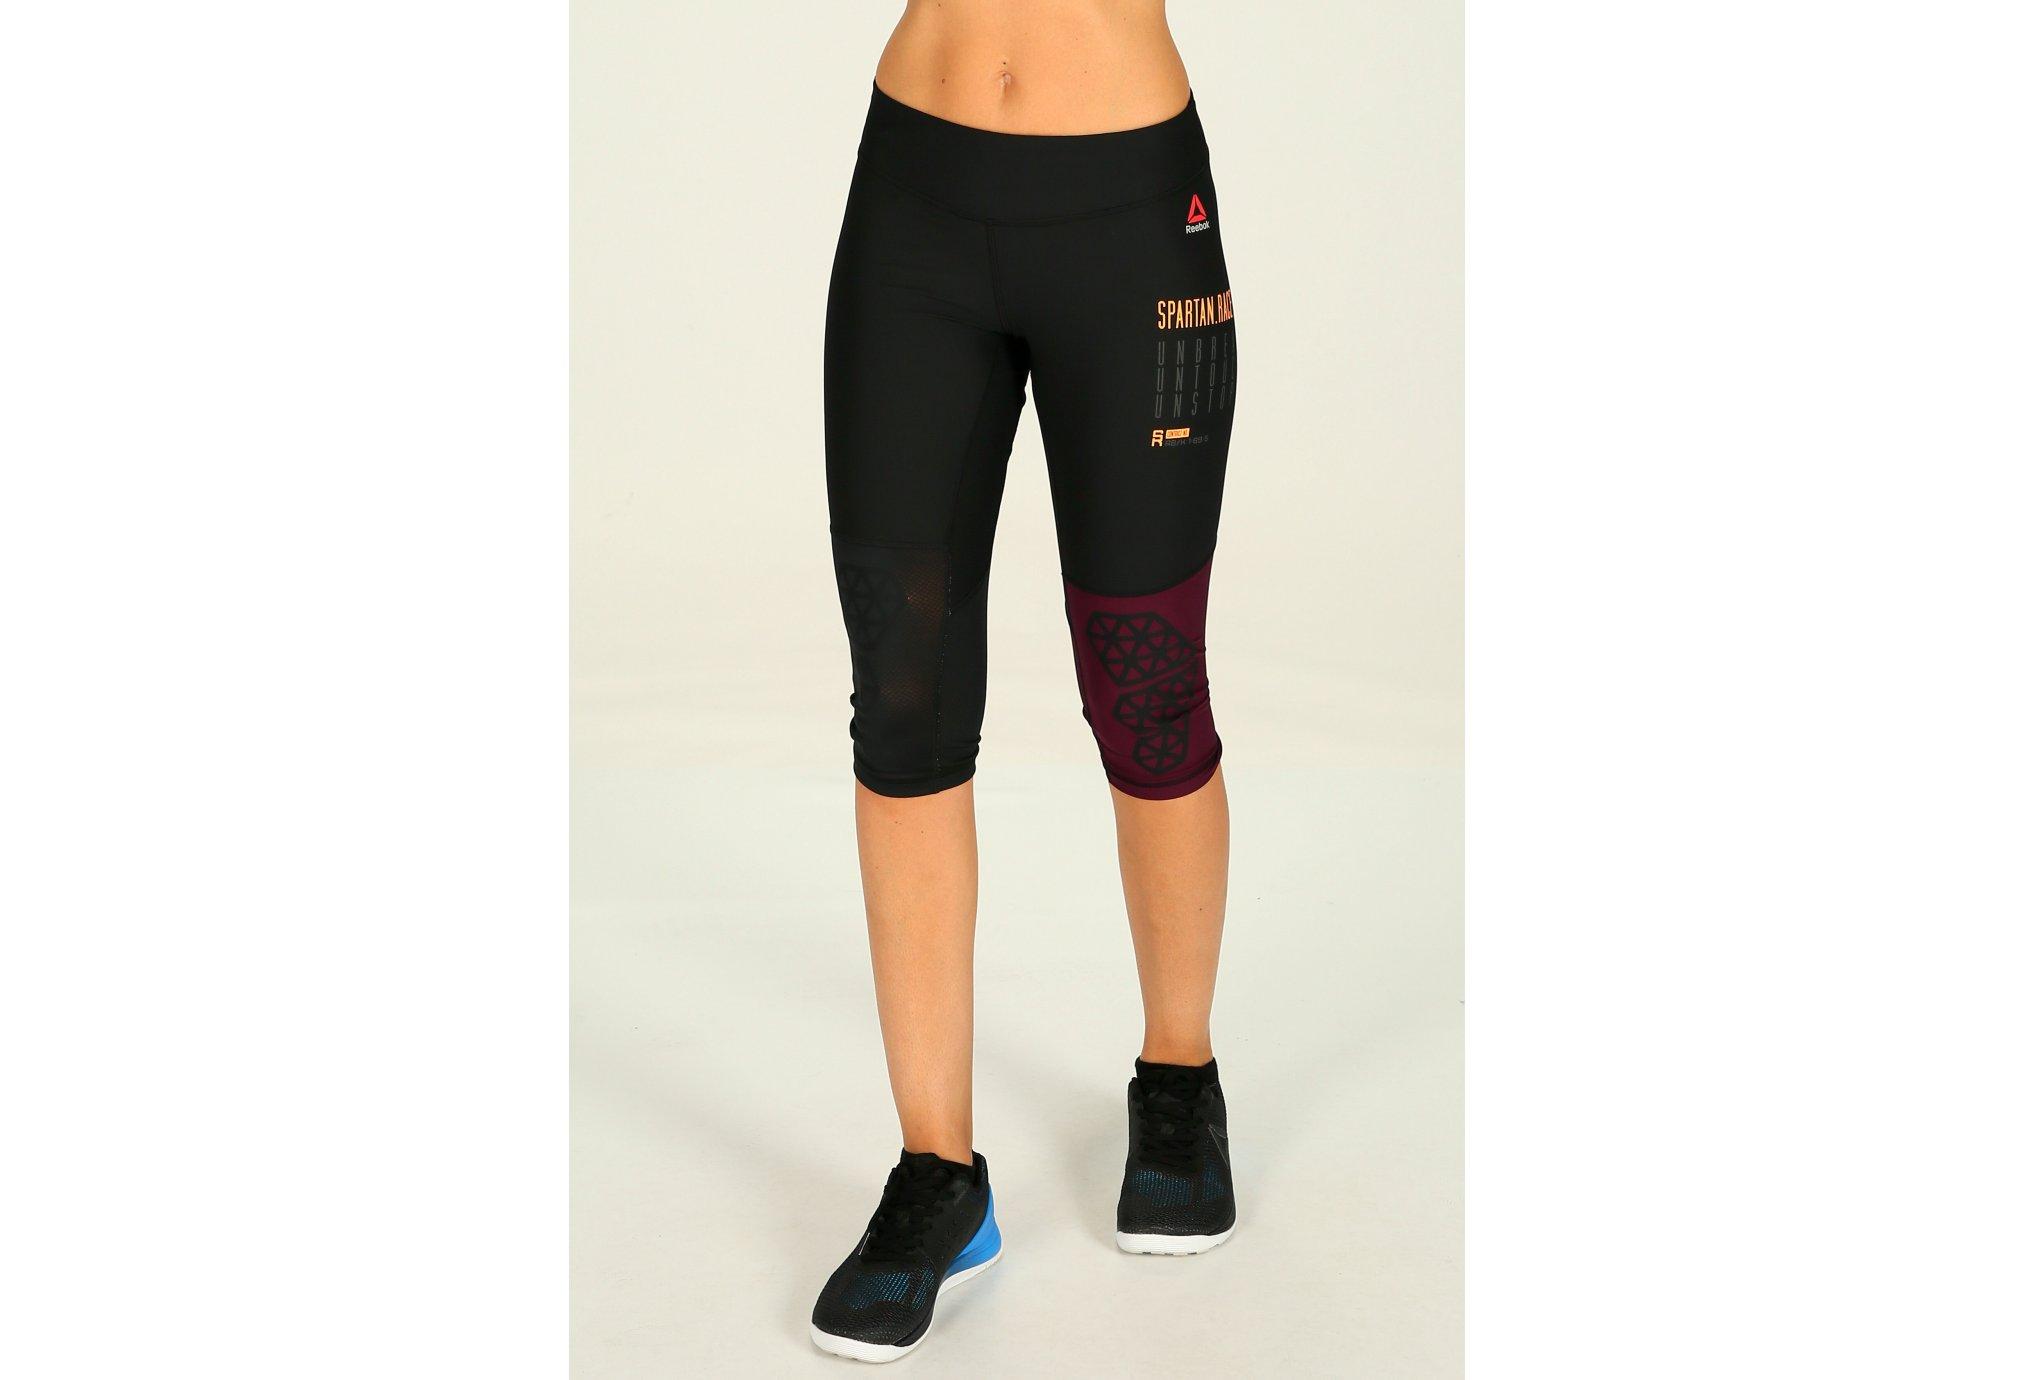 Reebok Collants 3/4 Spartan W Diététique Vêtements femme